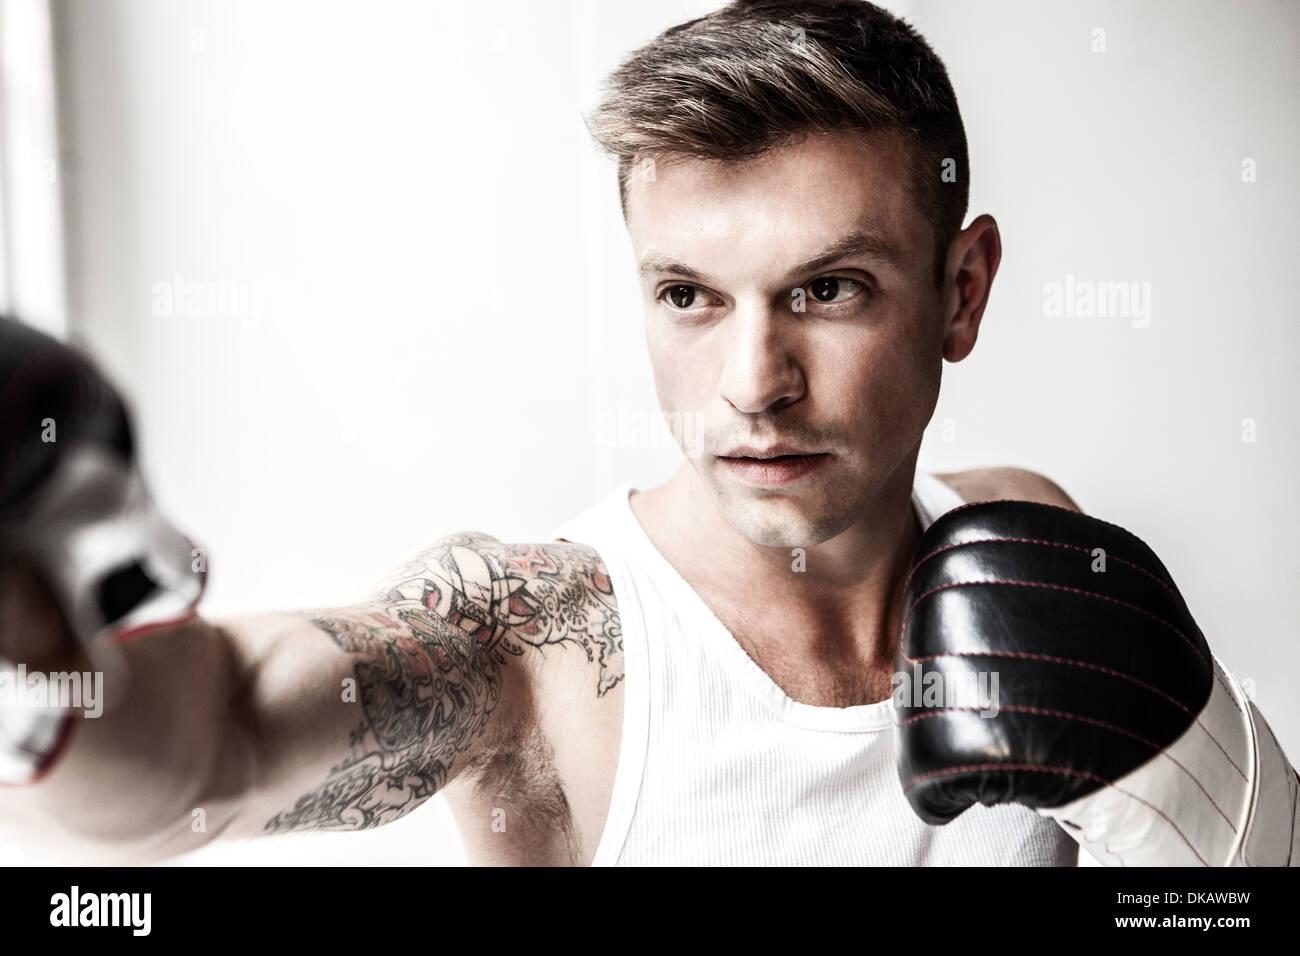 Foto de estudio de mediados de hombre adulto boxeo Imagen De Stock